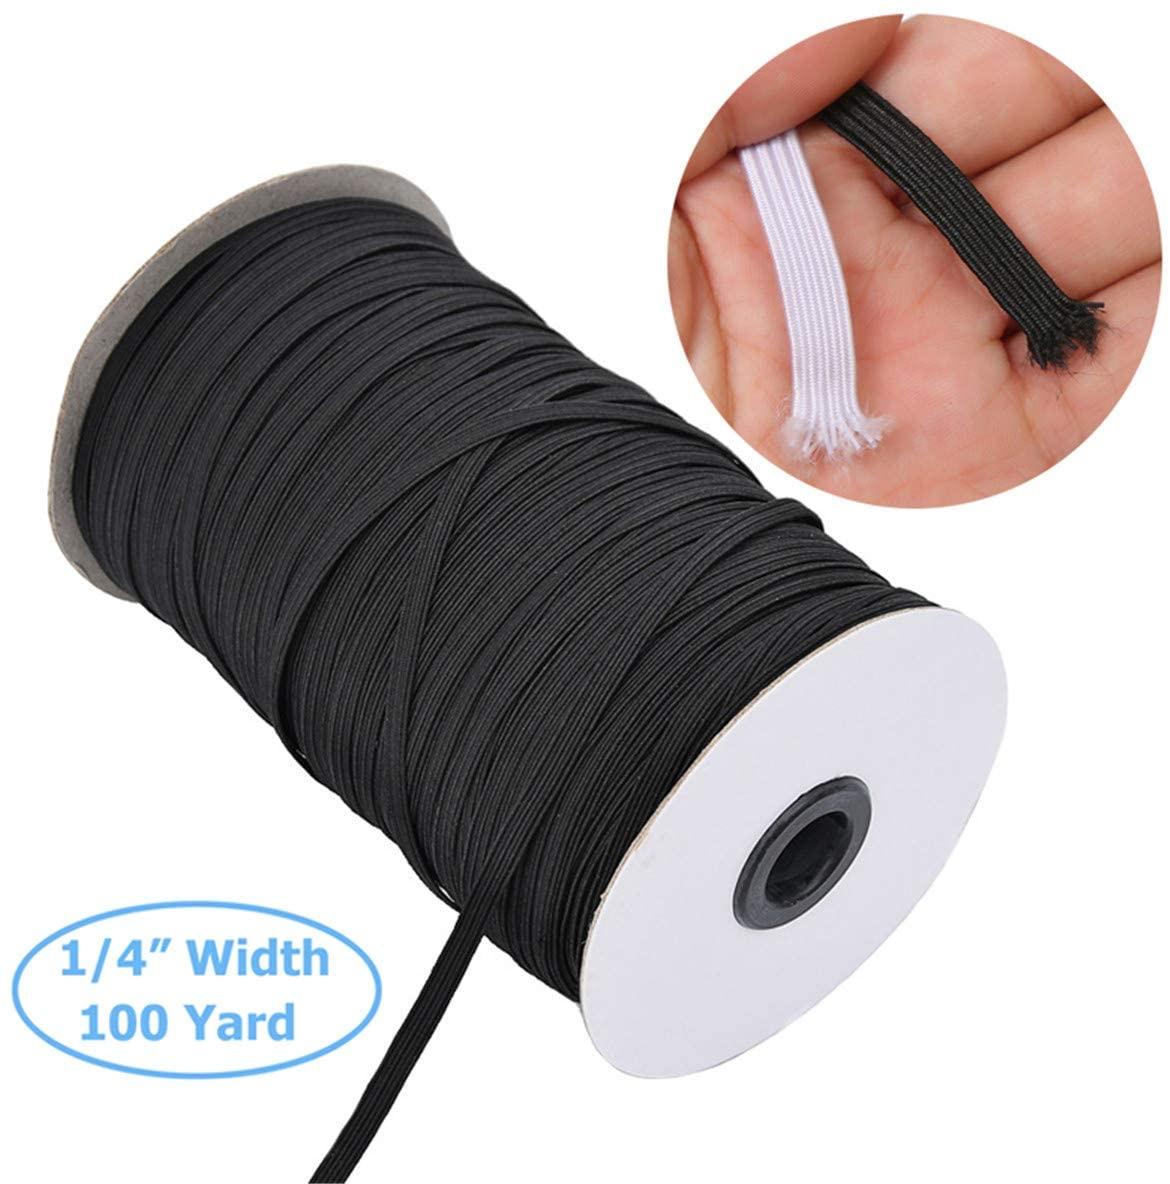 100 Yard 1/4 Inch (6mm) Black Elastic String Cord Elastic Rope Braided Stretch Strap Cord Roll Elastic Spool Elastic String Heavy Stretch High Elasticity Knit for Sewing Crafts DIY Bedspread Cuff